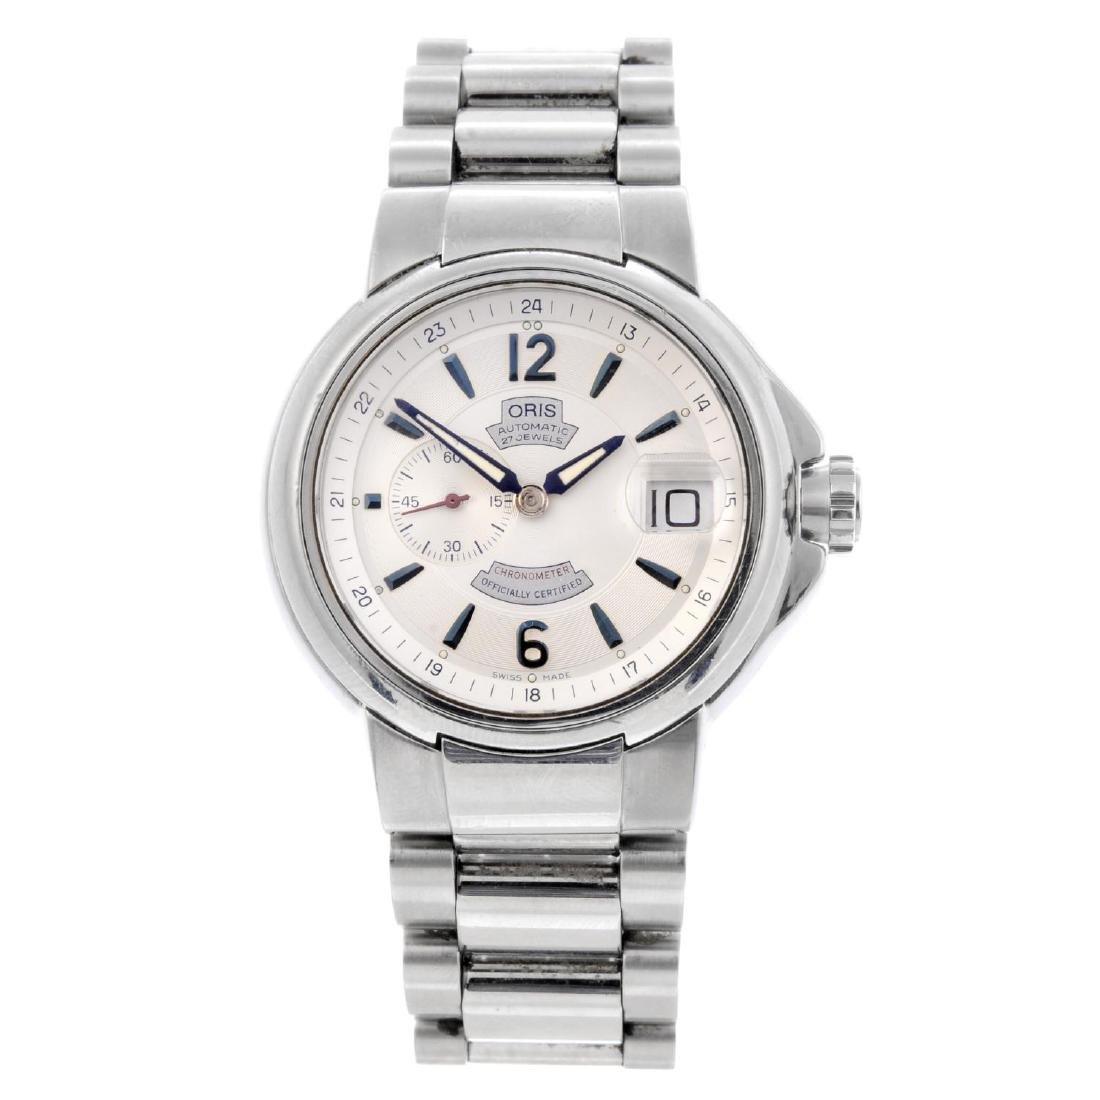 ORIS - a gentleman's Full Steel Pointer bracelet watch.